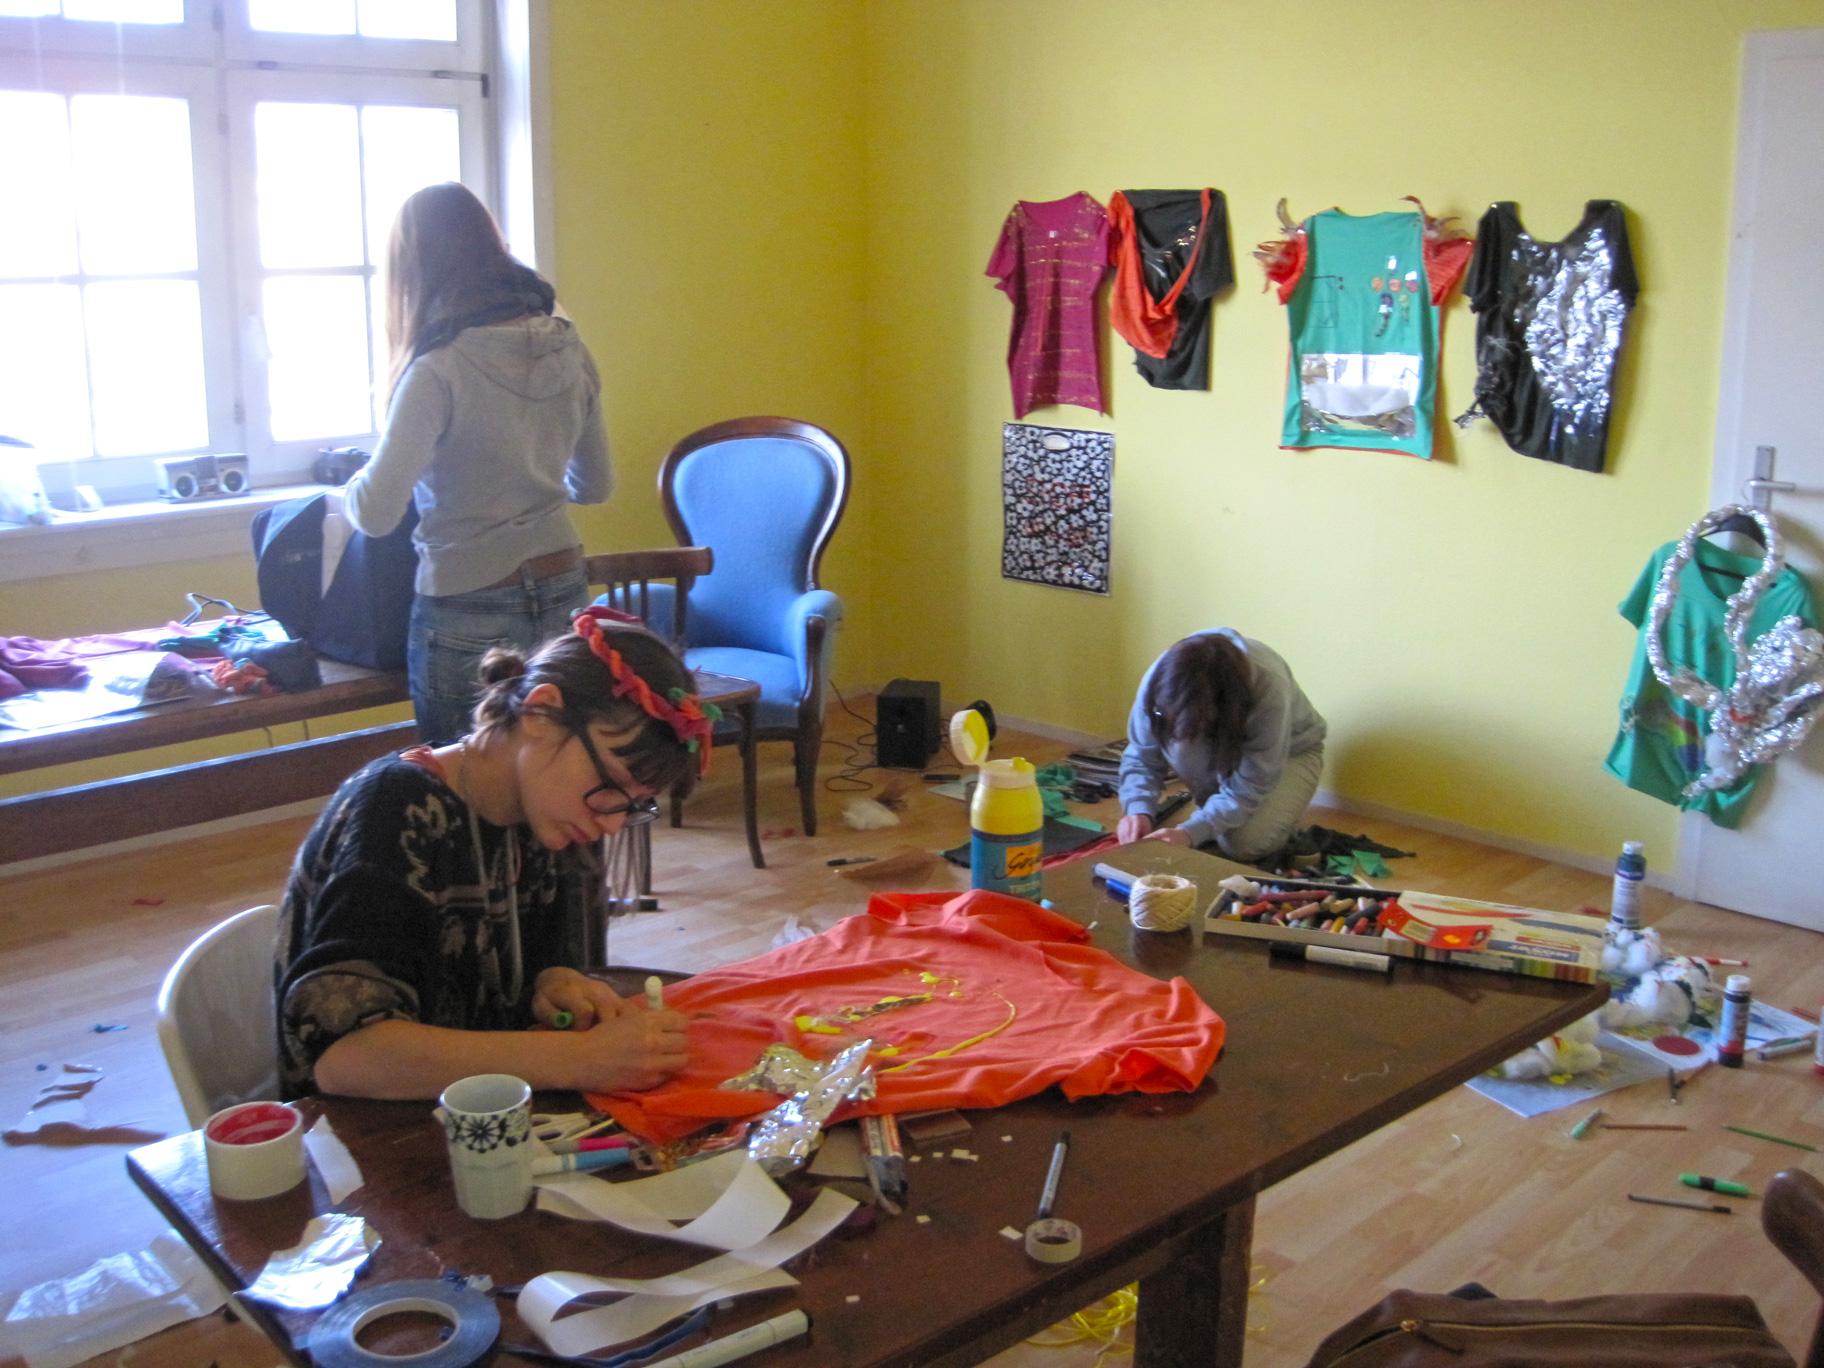 gerrit_schweiger-Rummel-2030-Zukunft-Kinder-Kreativität-Mode-Workshop-Modenschau-Ausstellung-00